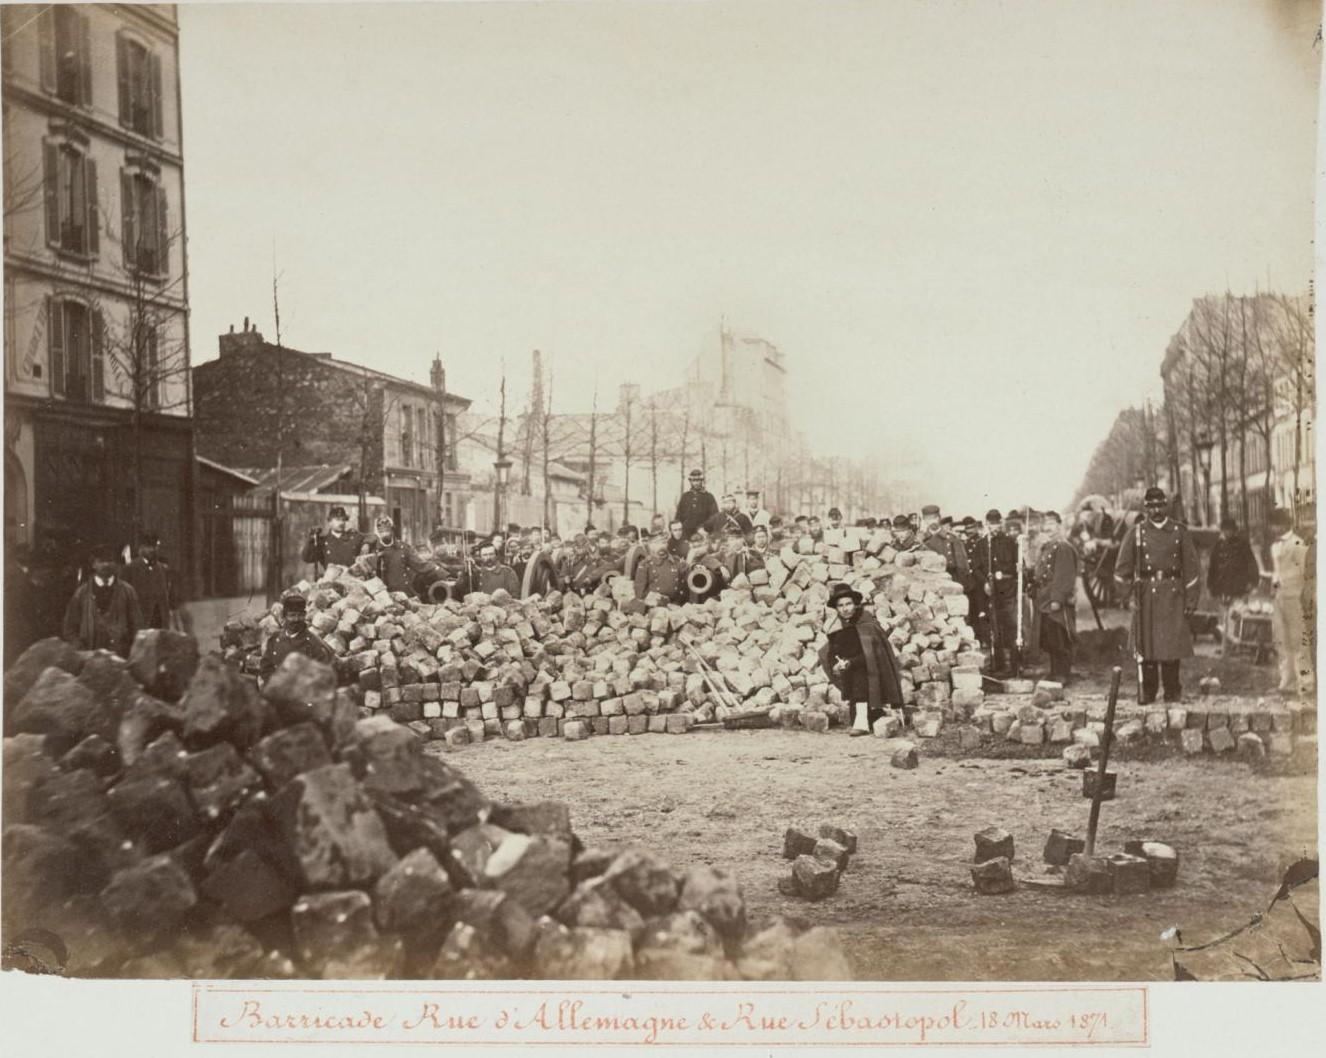 18 марта 1871. Баррикады на улицах Германия и Севастополь